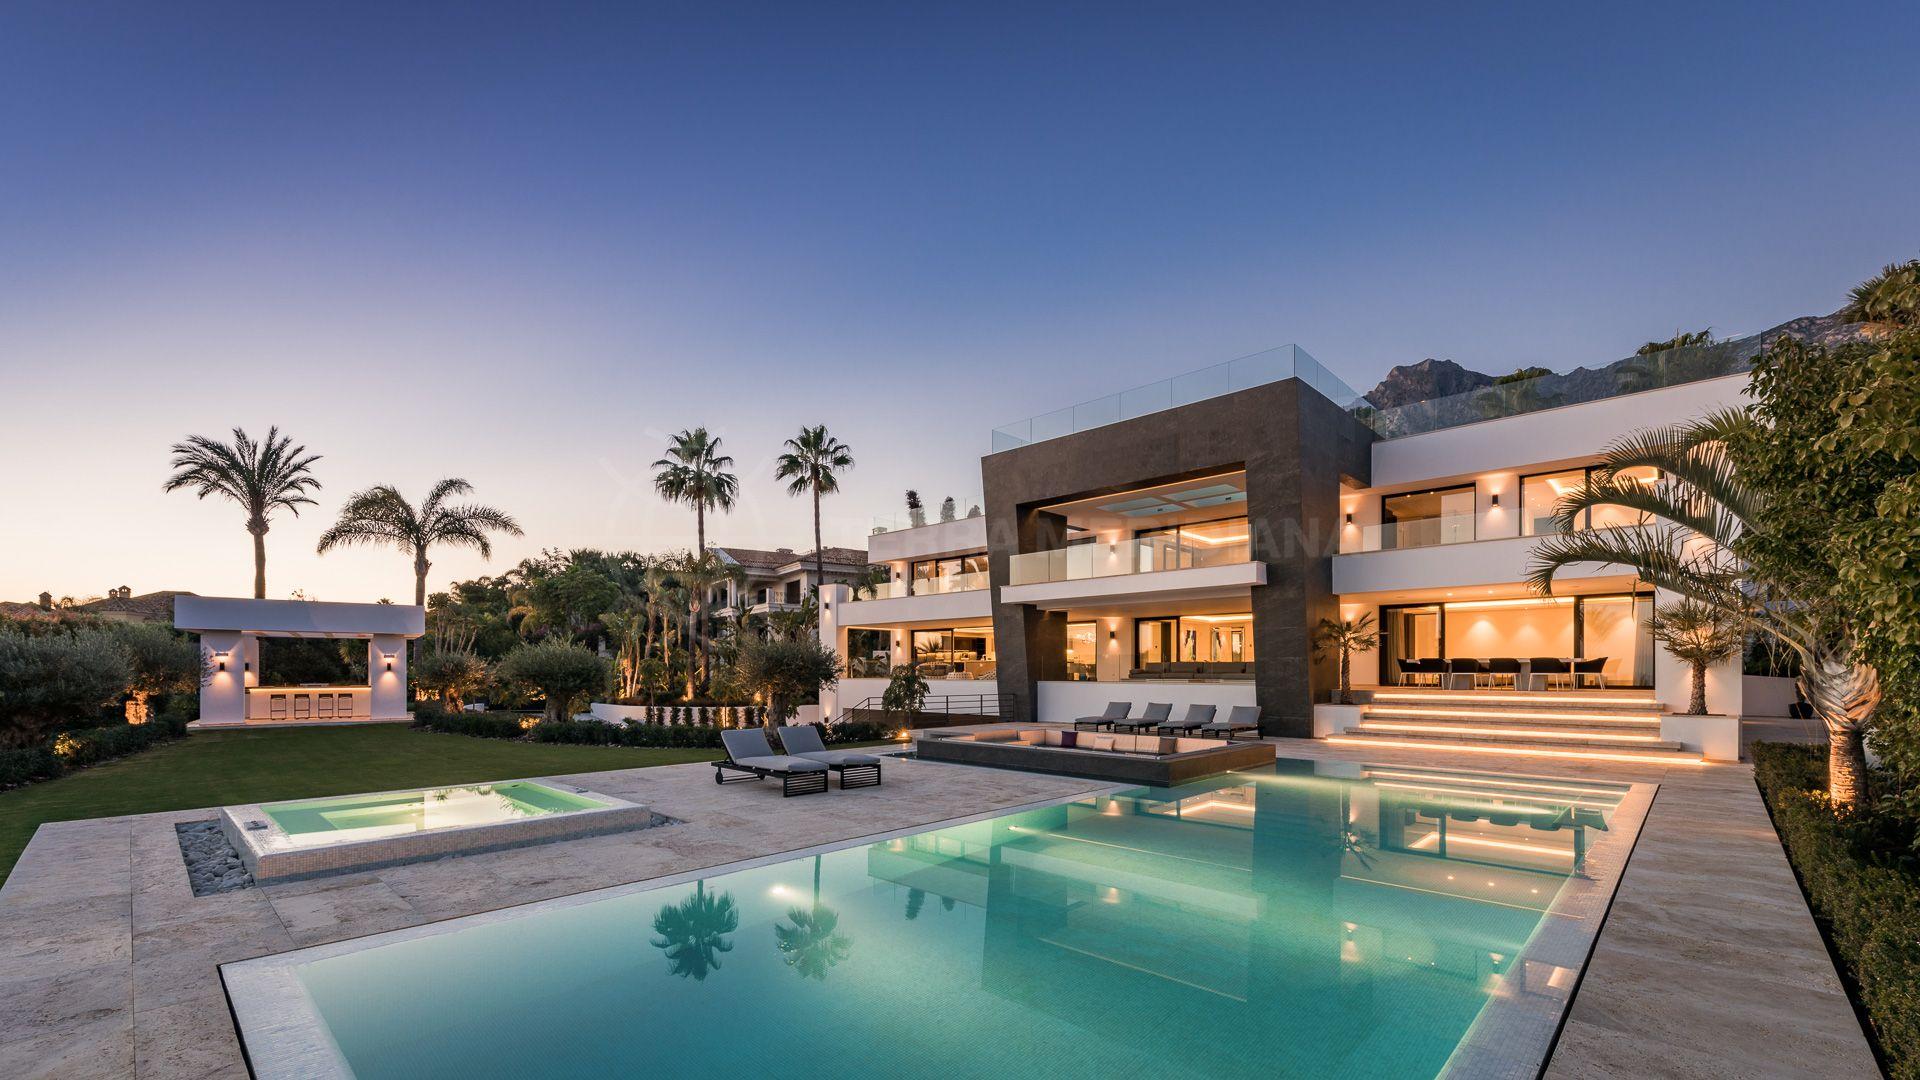 stunning modern villa for sale in sierra blanca marbella golden mile. Black Bedroom Furniture Sets. Home Design Ideas